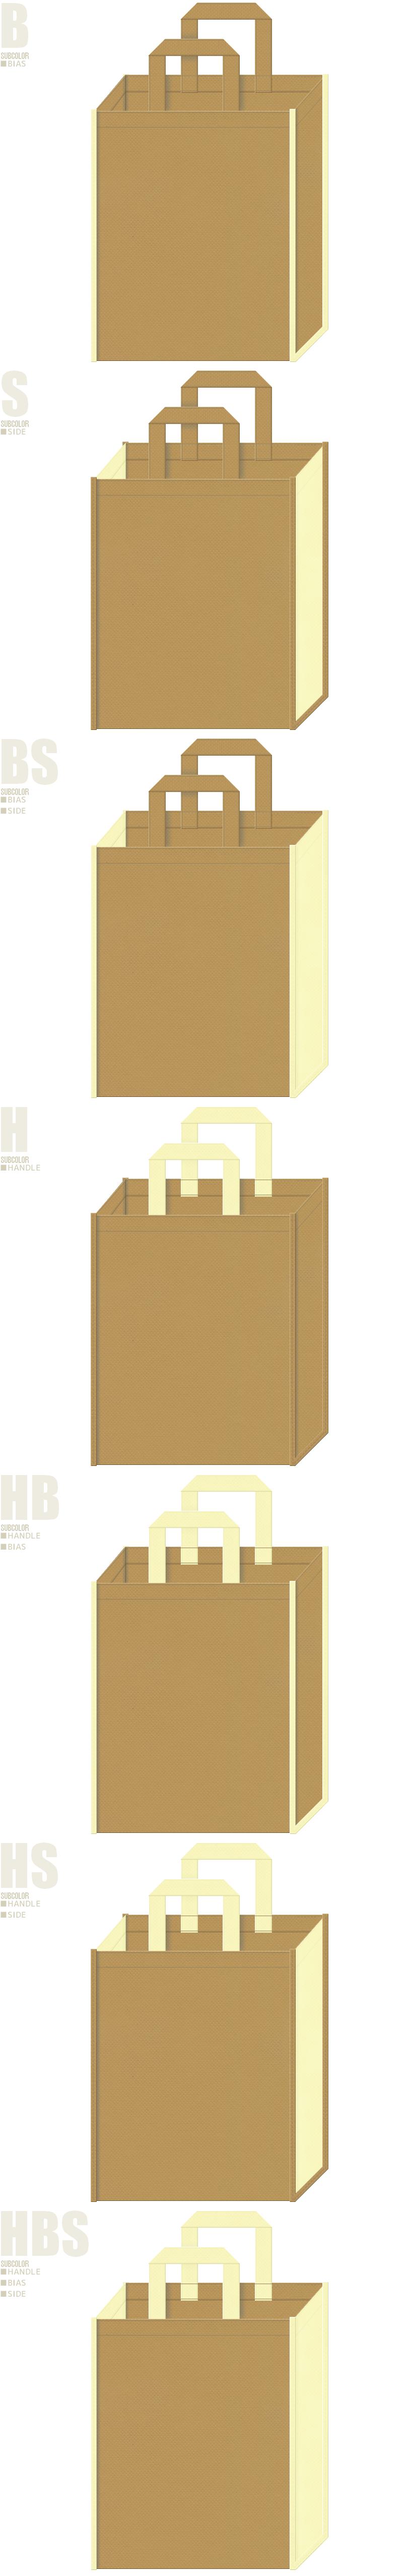 キウイフルーツ・コーヒーロール風の不織布バッグデザイン:金黄土色と薄黄色の不織布バッグ配色7パターン。